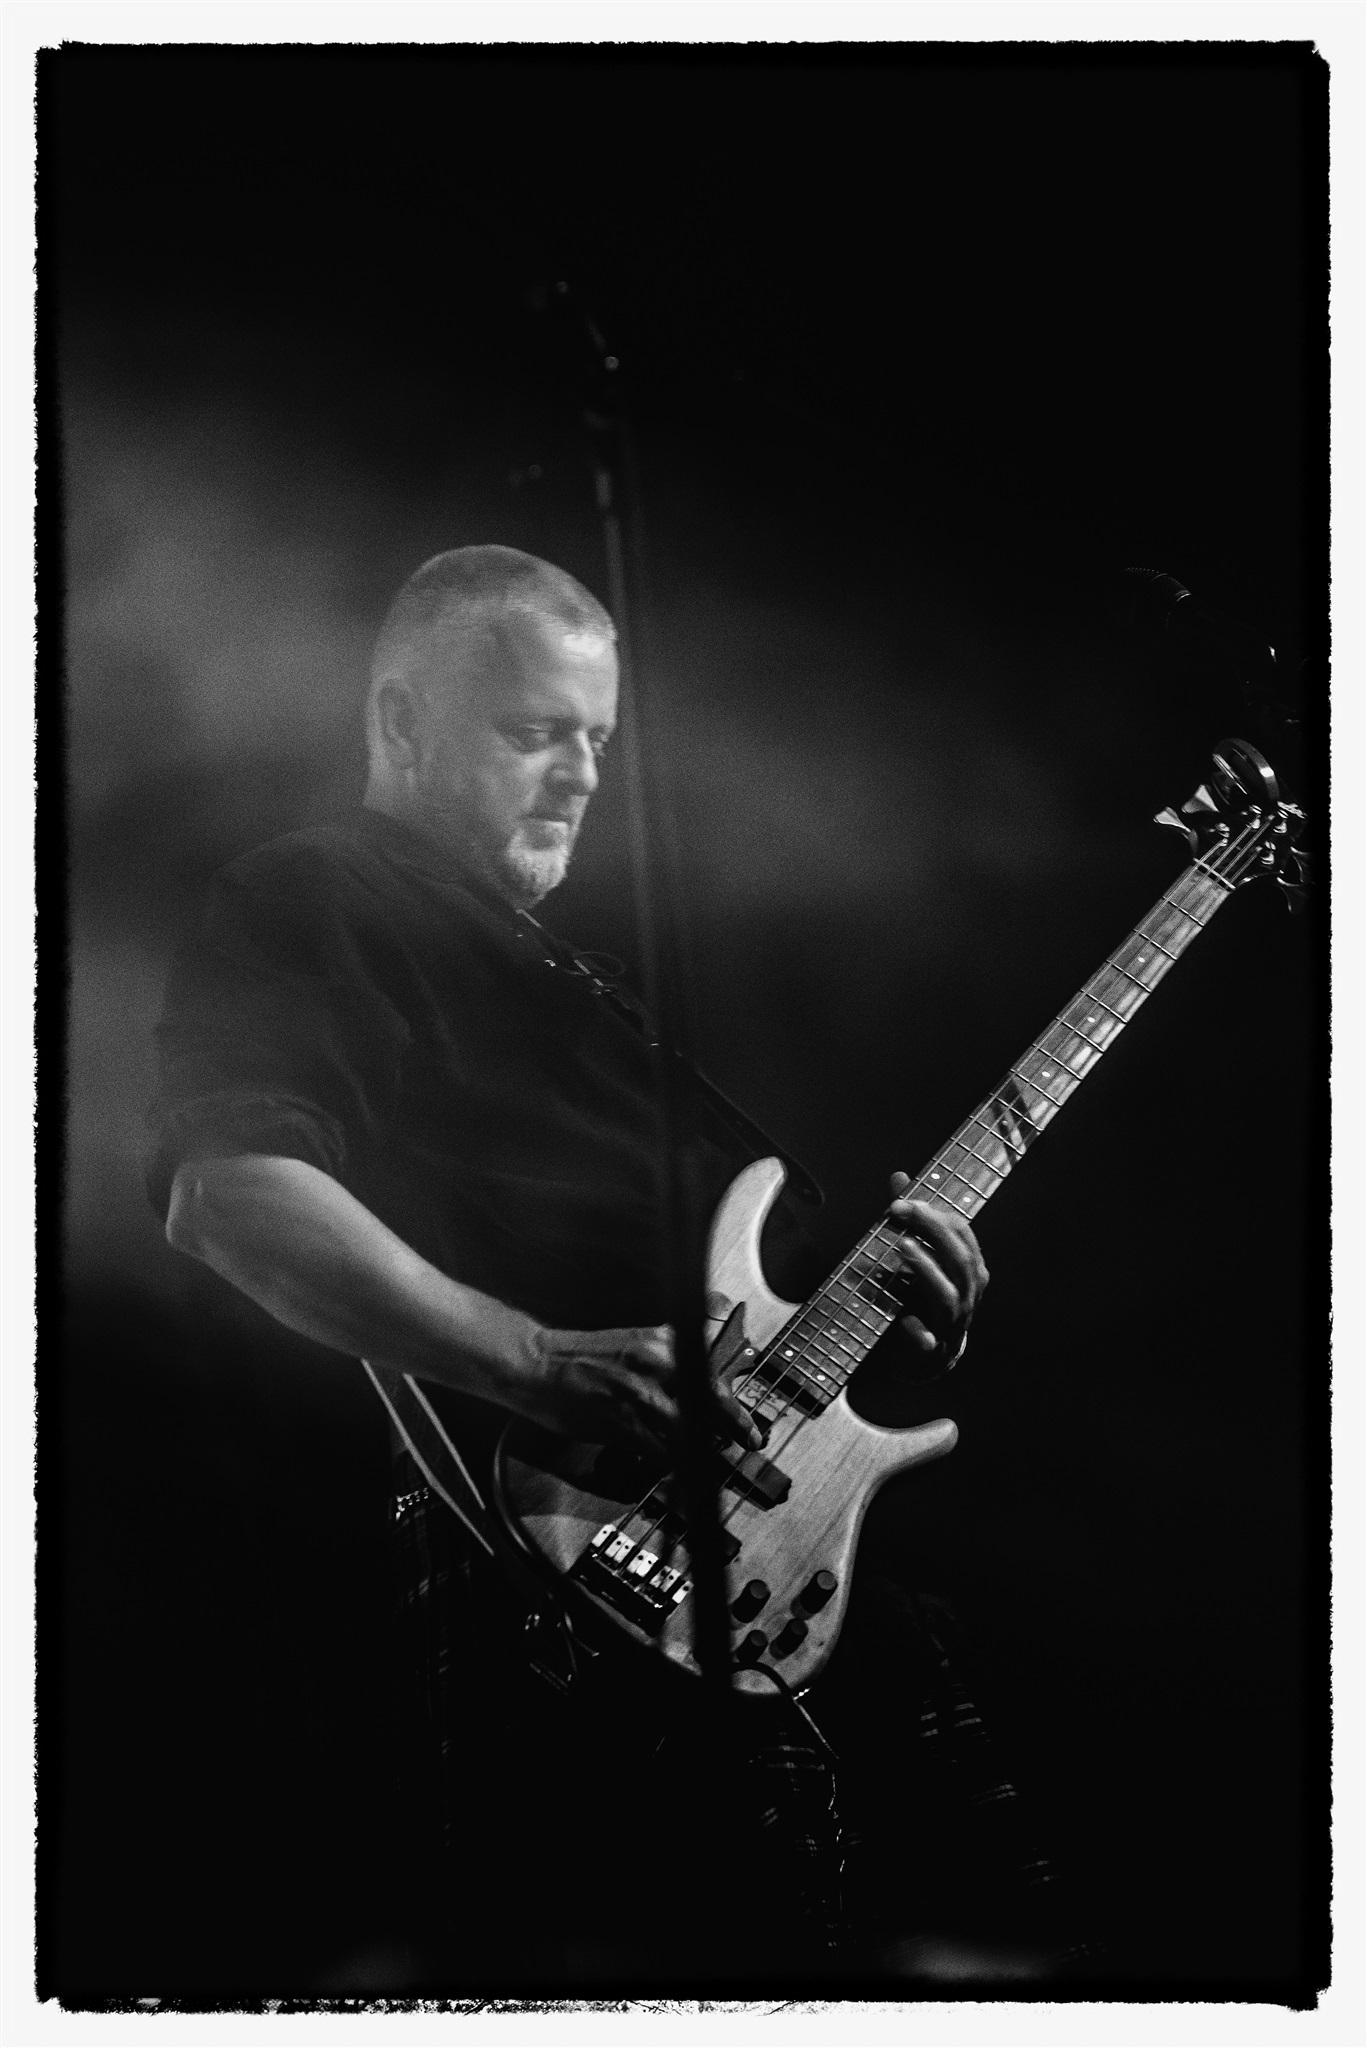 Gert Meulemans - Bass, vocals